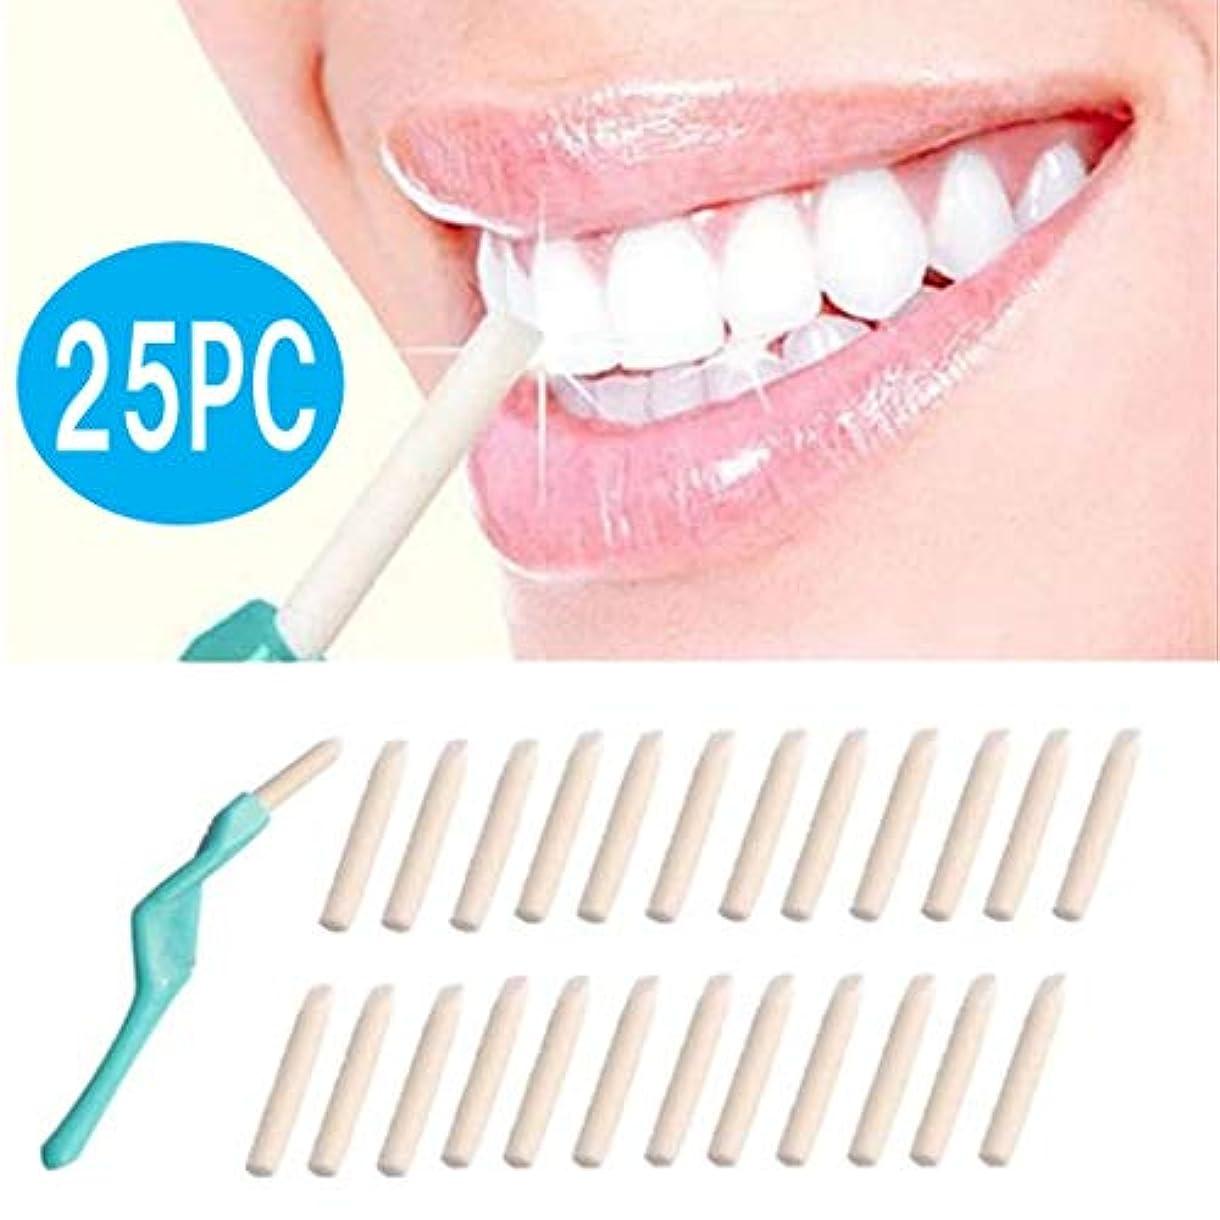 悪化するバンドル中断MNoel 歯を白くする 歯の消しゴム ナノ ホワイトニング ブラシ 歯をきれいに 洗浄 トゥースティック デンタルピーリング 本体+交換カートリッジ付 25枚 セット